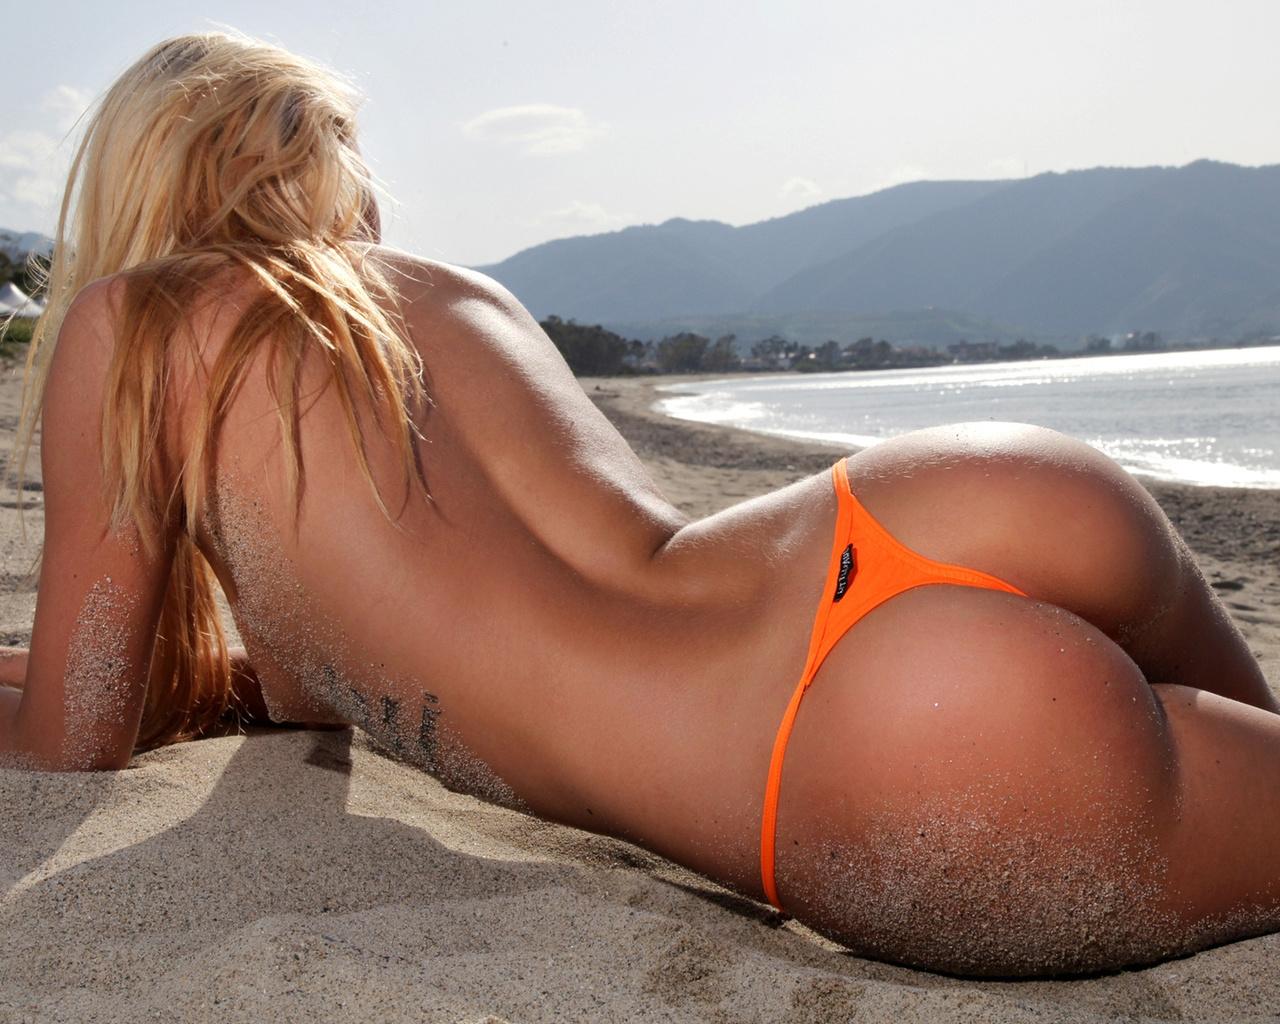 Фигуристые попки фото, Шикарные красотки получают огромные пенисы в свои 27 фотография